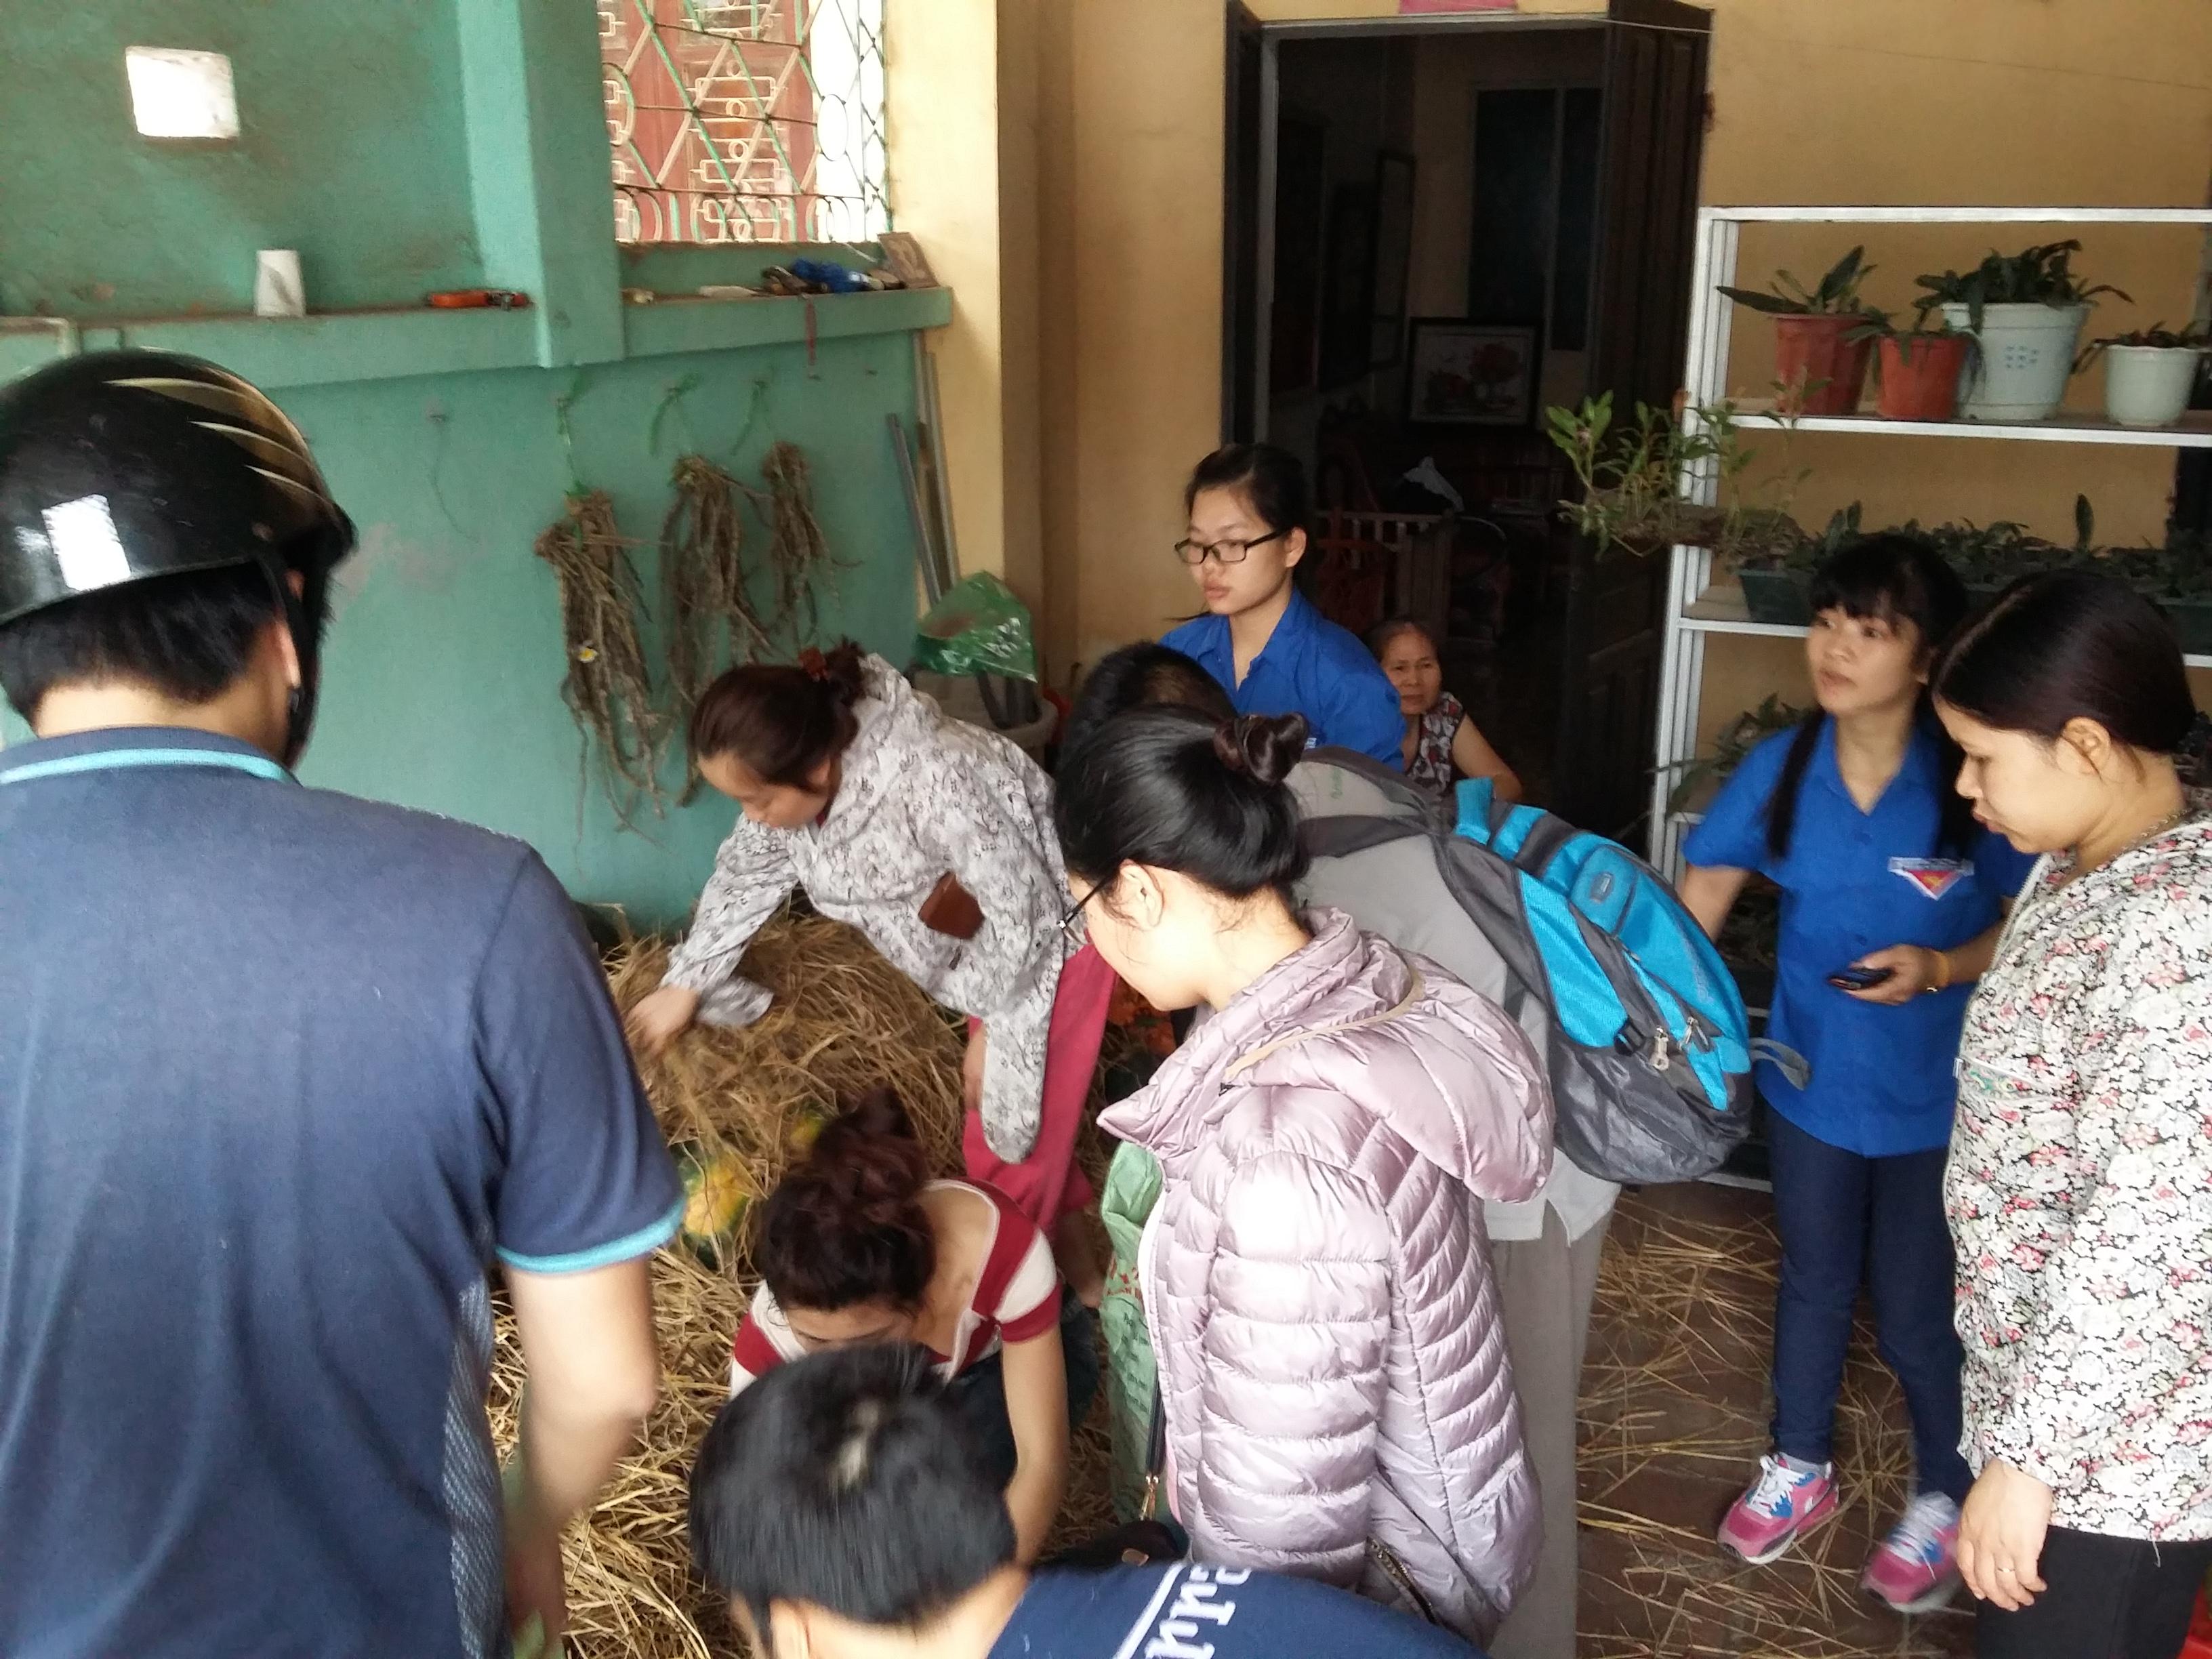 Dân mạng chung tay kêu gọi mua dưa hấu giúp nông dân Quảng Nam 3